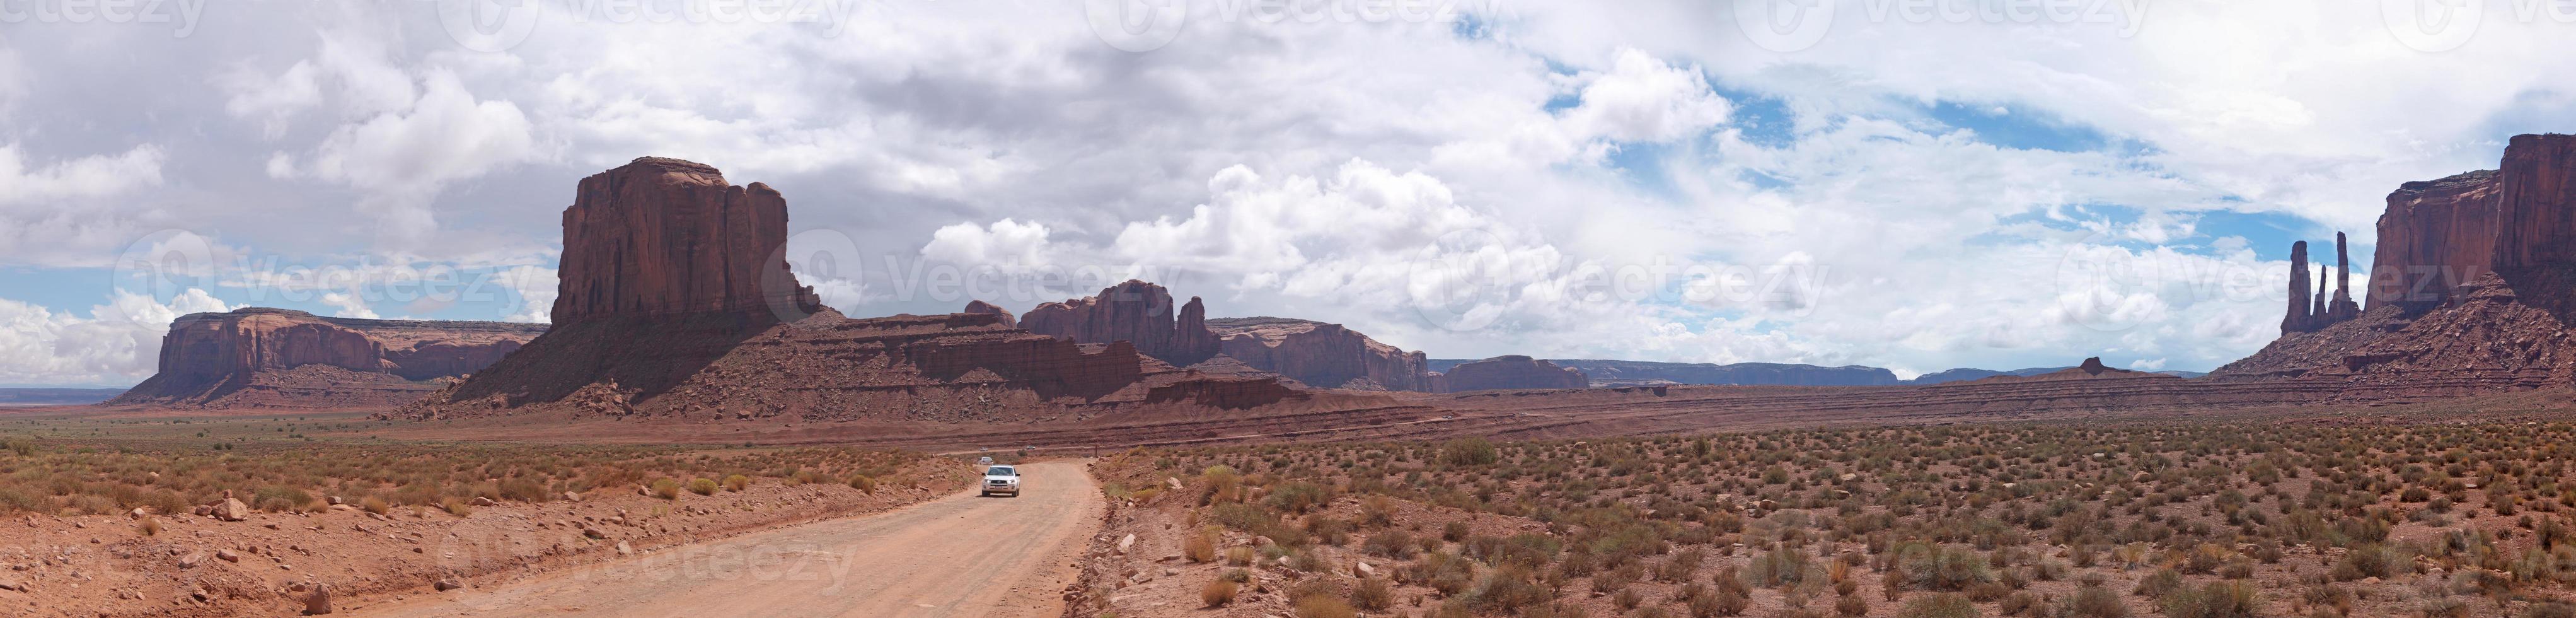 Denkmal Tal Panorama foto